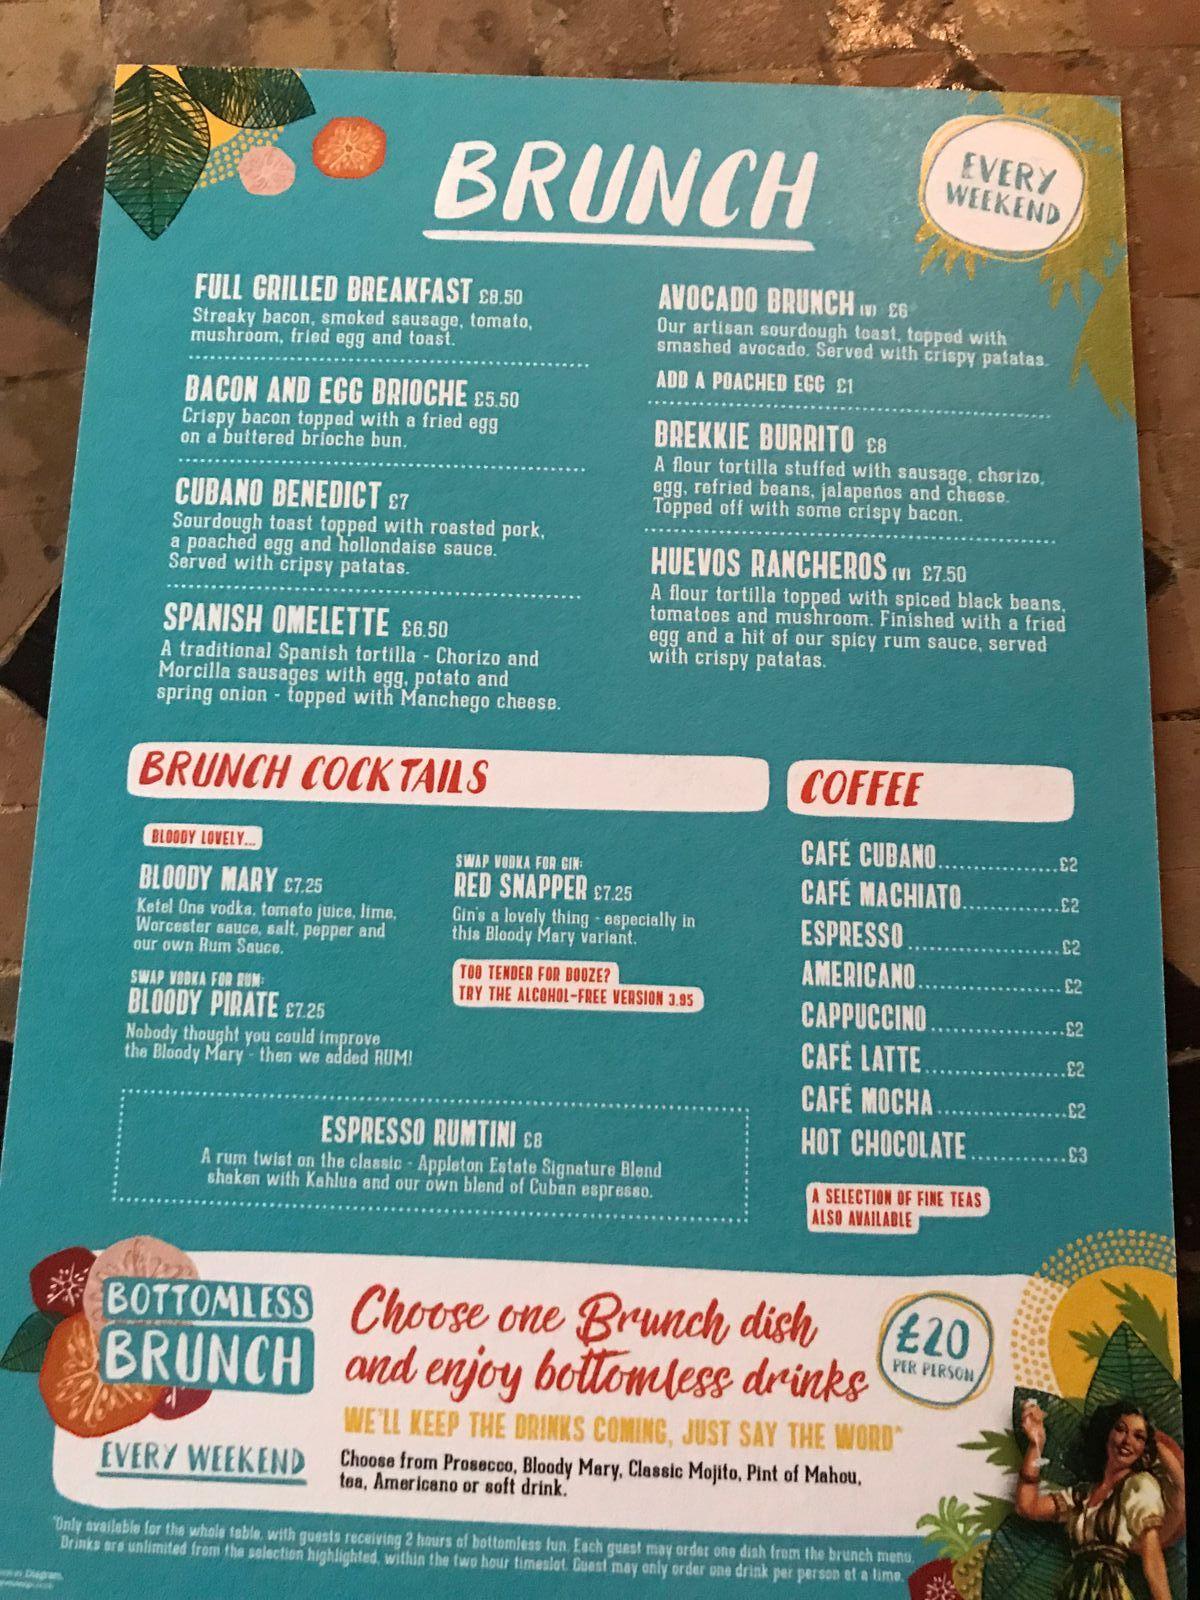 bottomless brunch menu revs de cuba cardiff